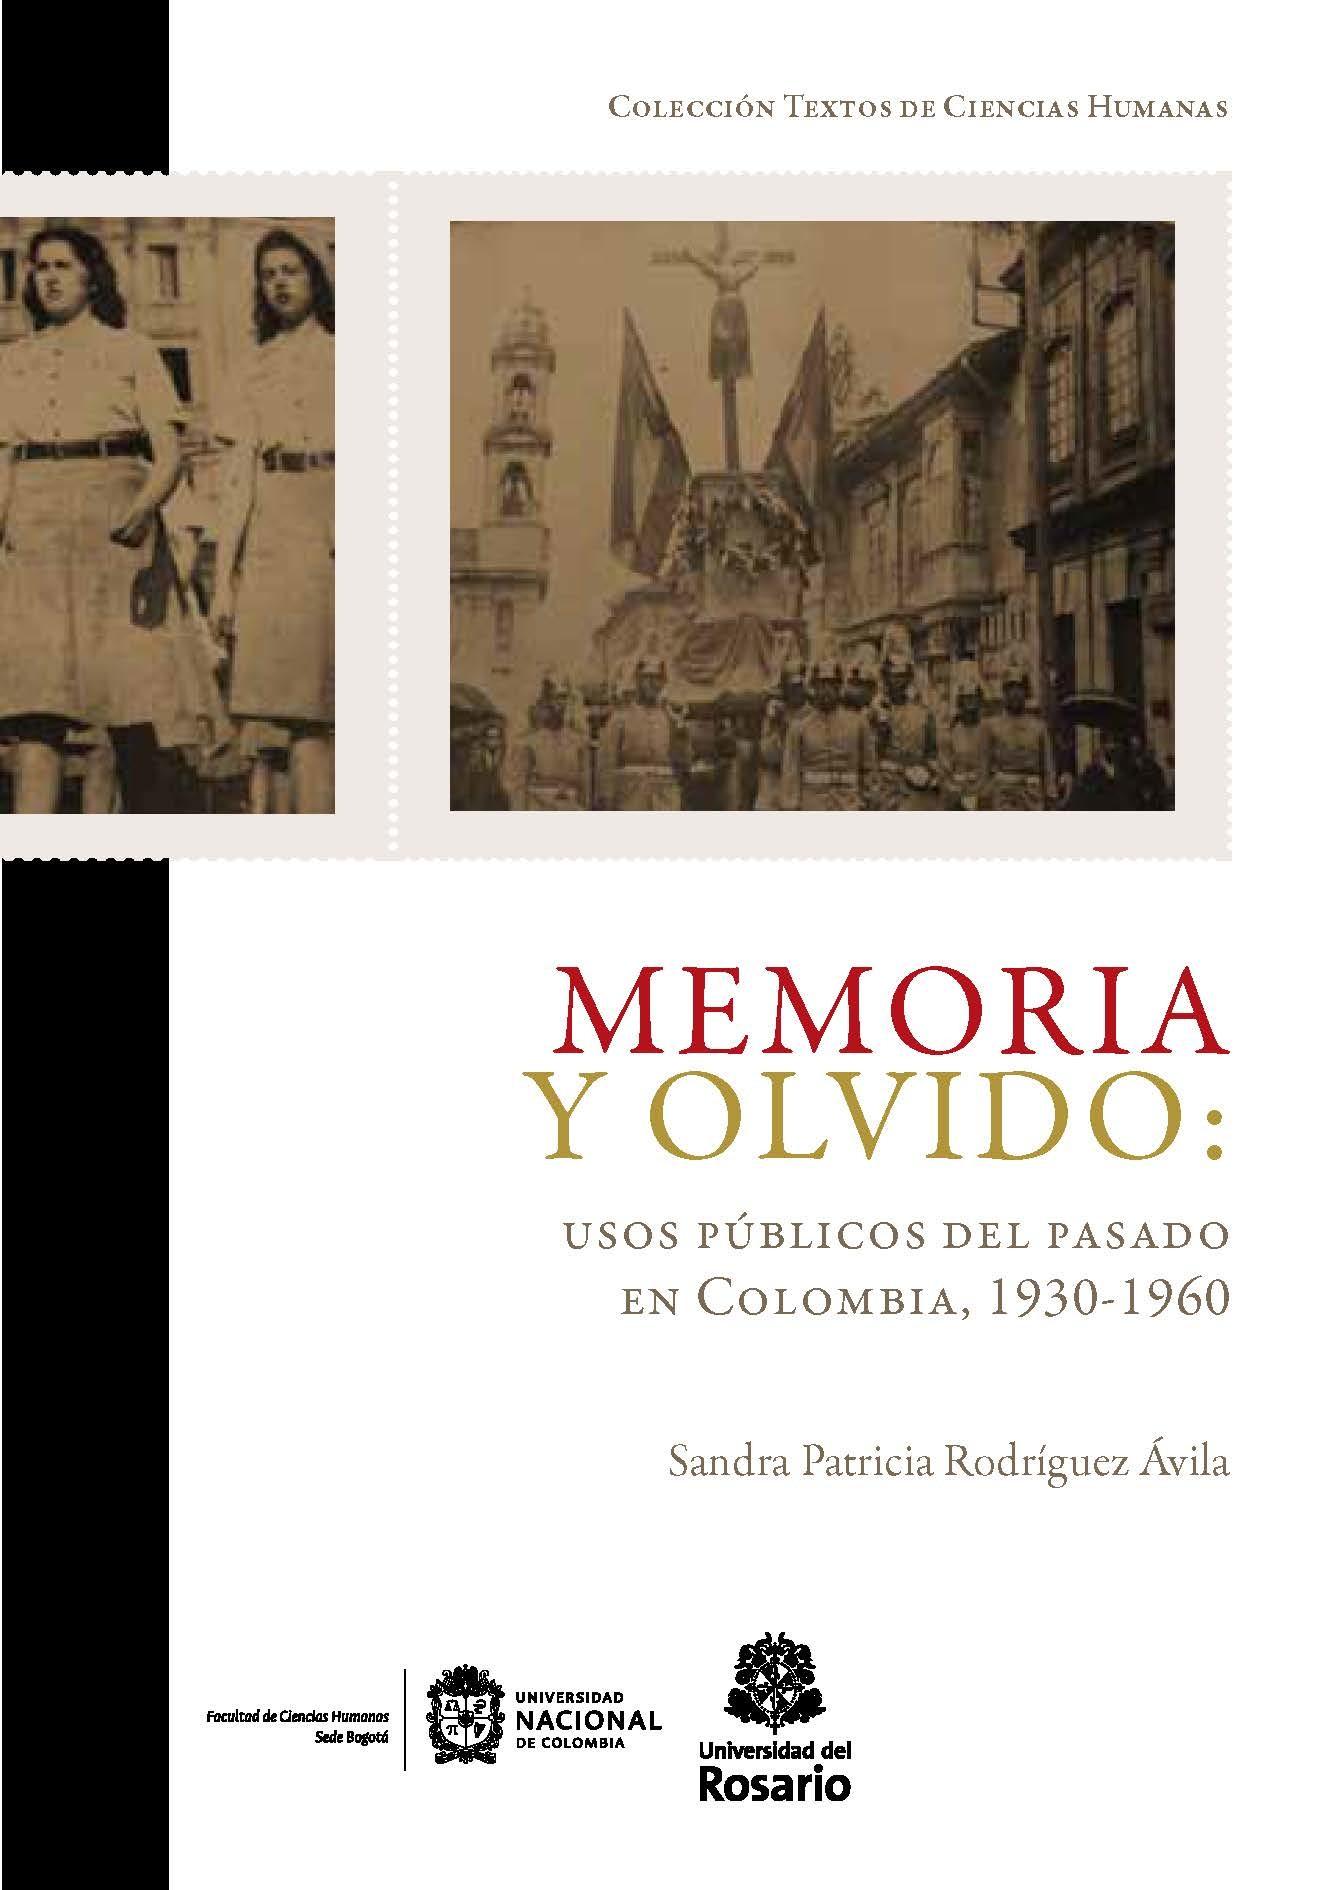 Memoria y olvido: usos públicos del pasado en Colombia, (1930-1960)